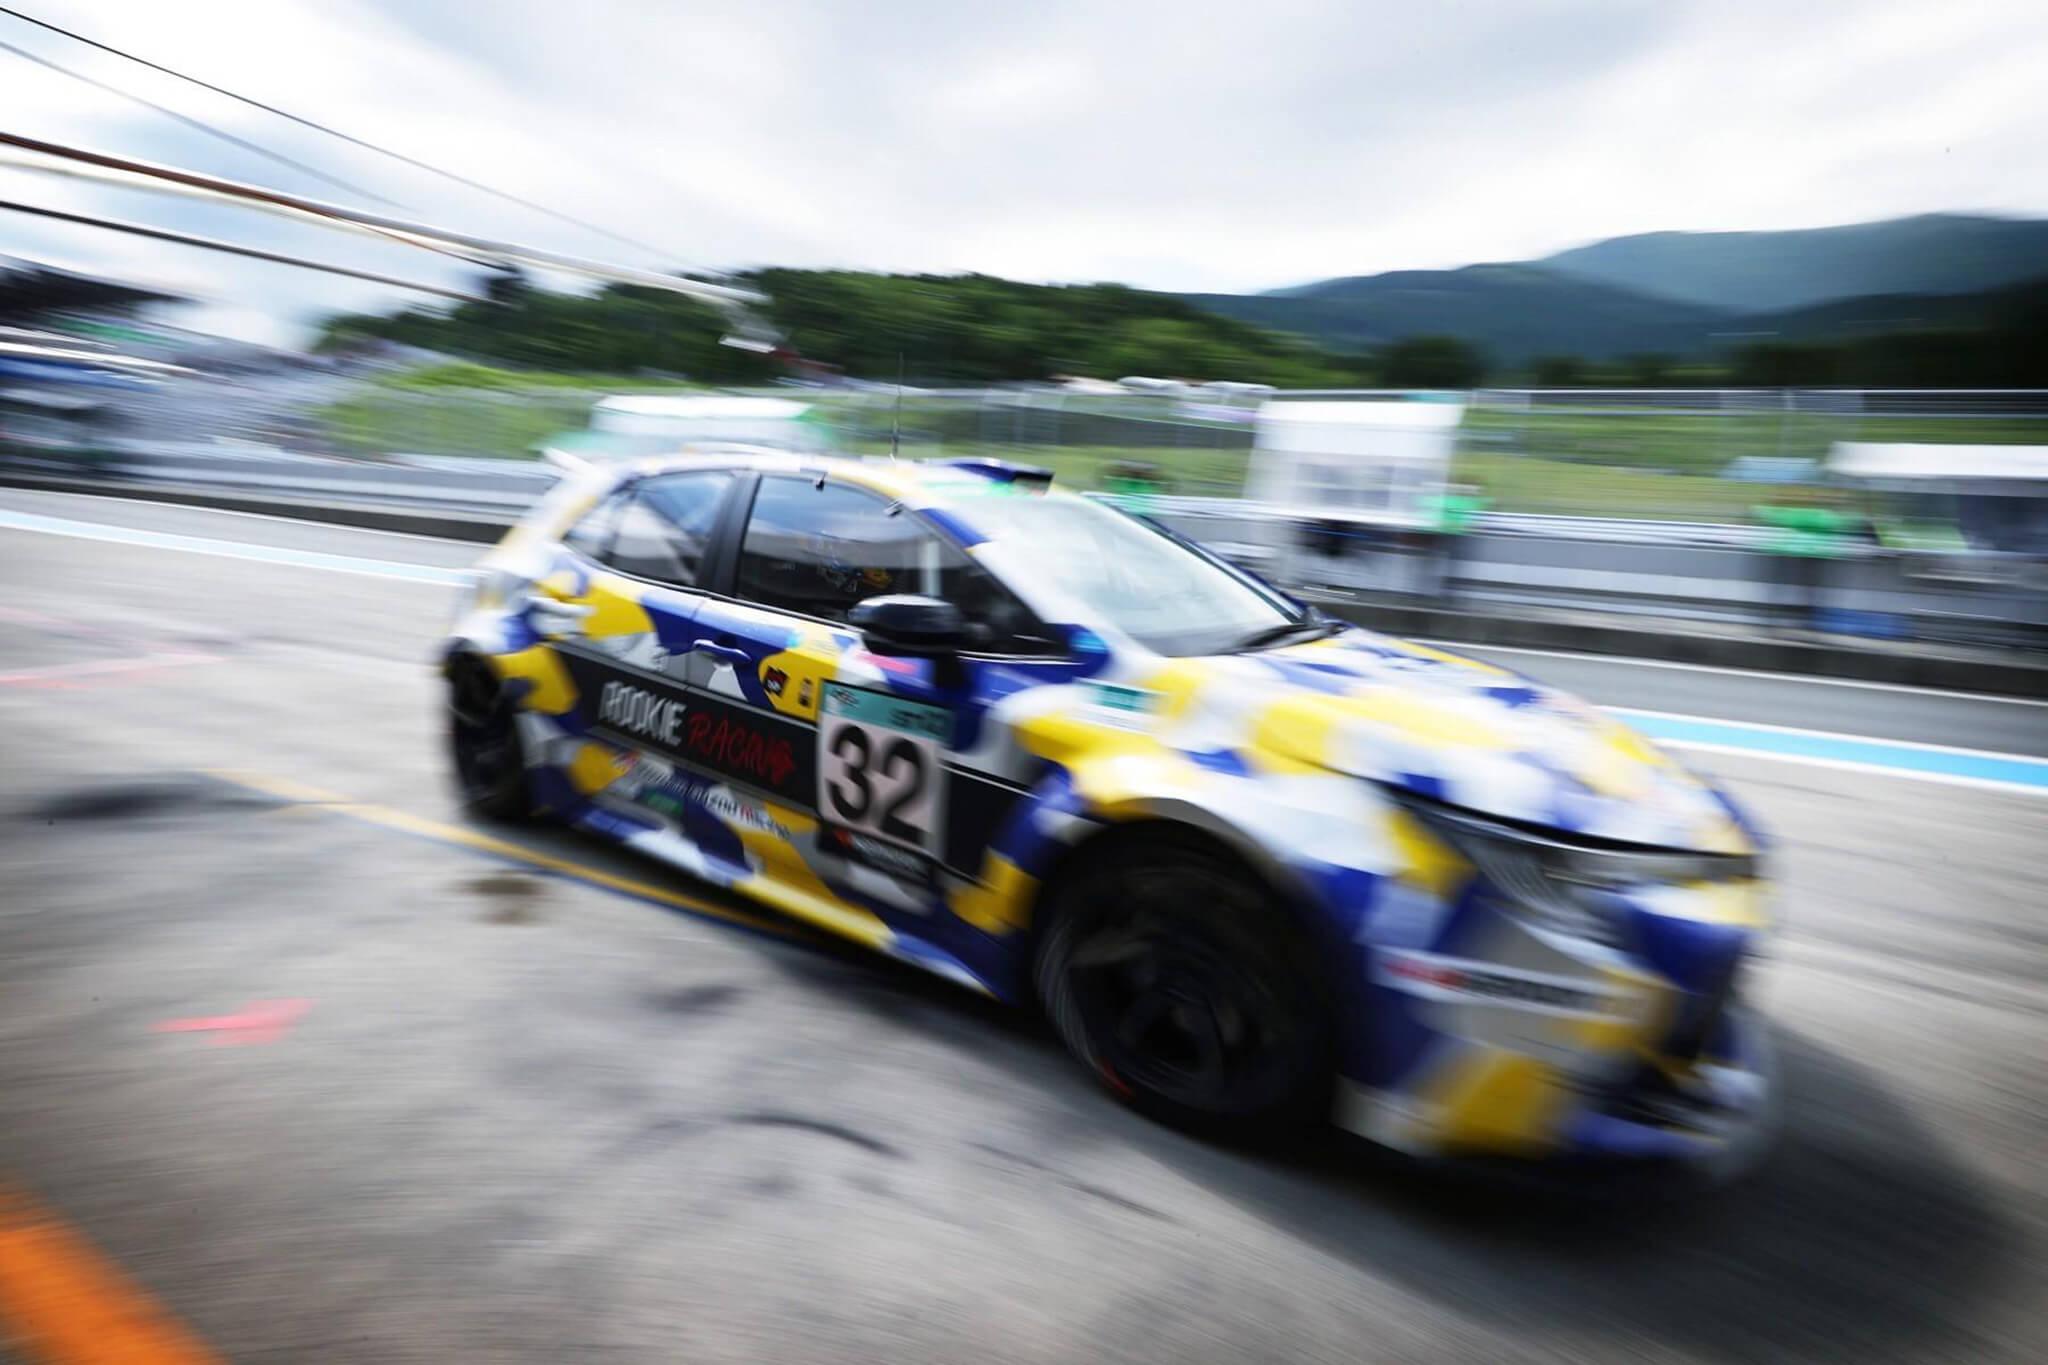 Toyota Corolla motor a. hidrogénio